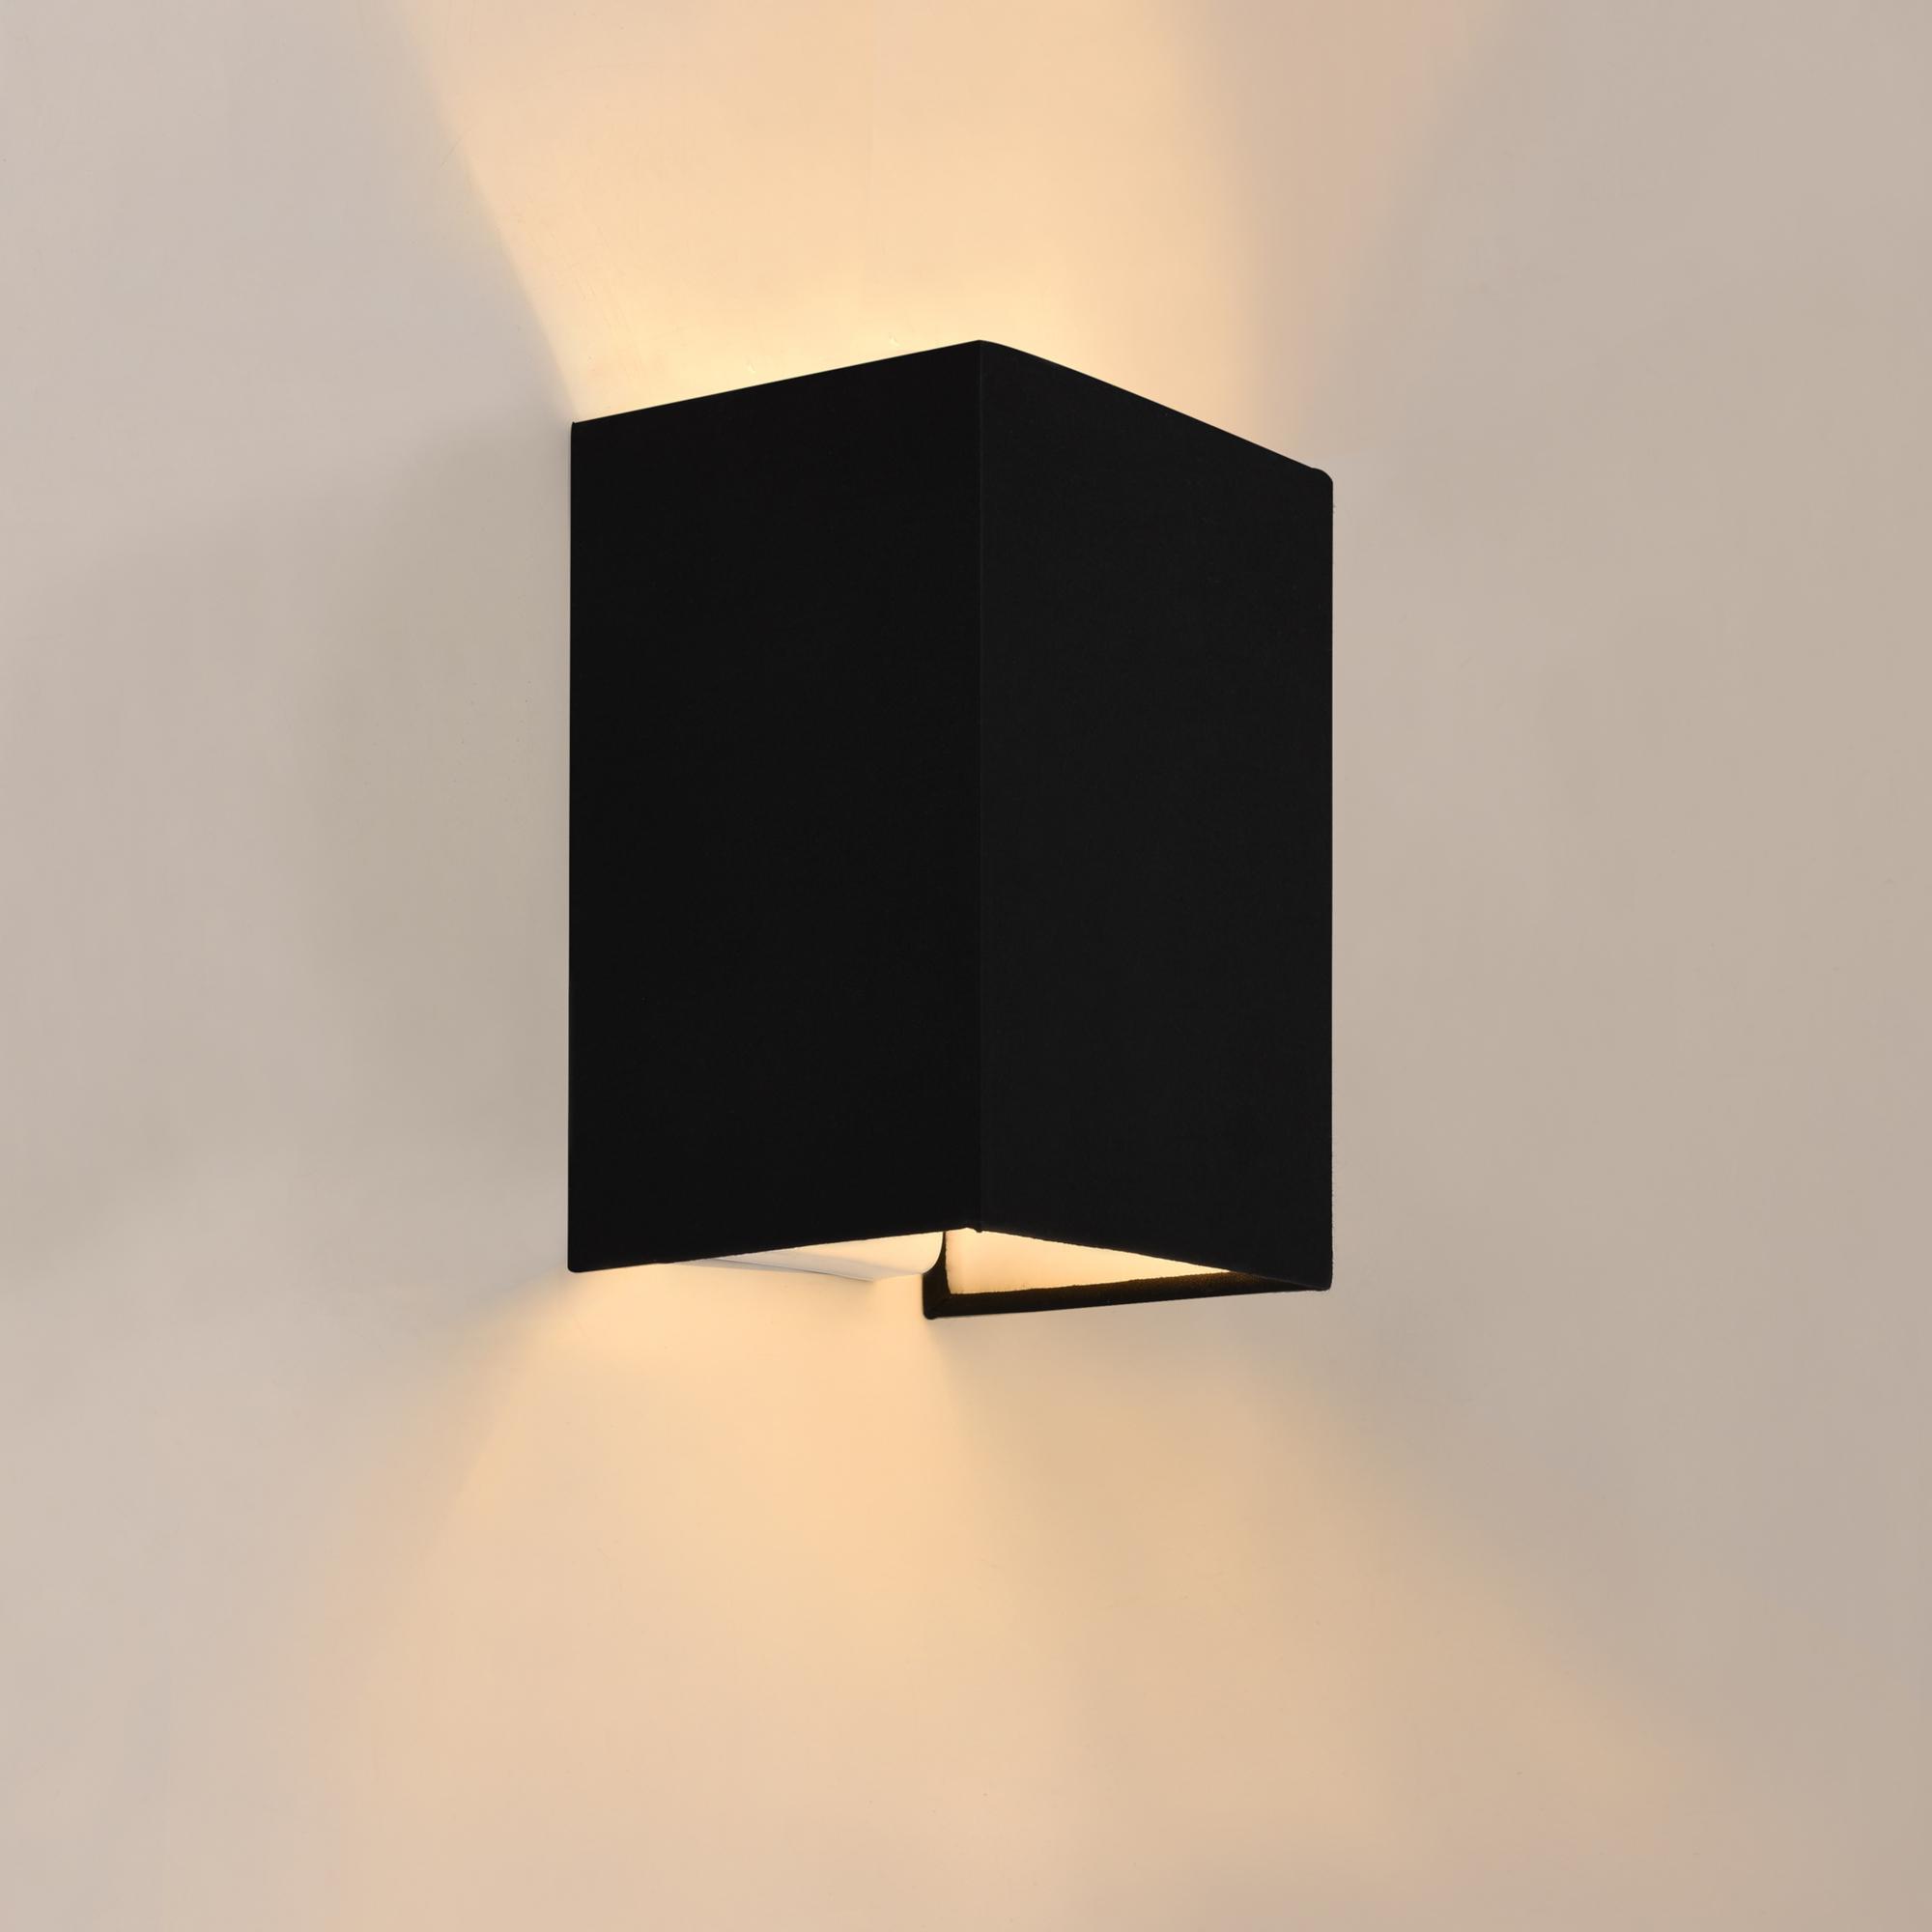 LED LUMINAIRE DESIGN CHAMBRE MURAL flurlampe murale éclairage lampe avec interrupteur